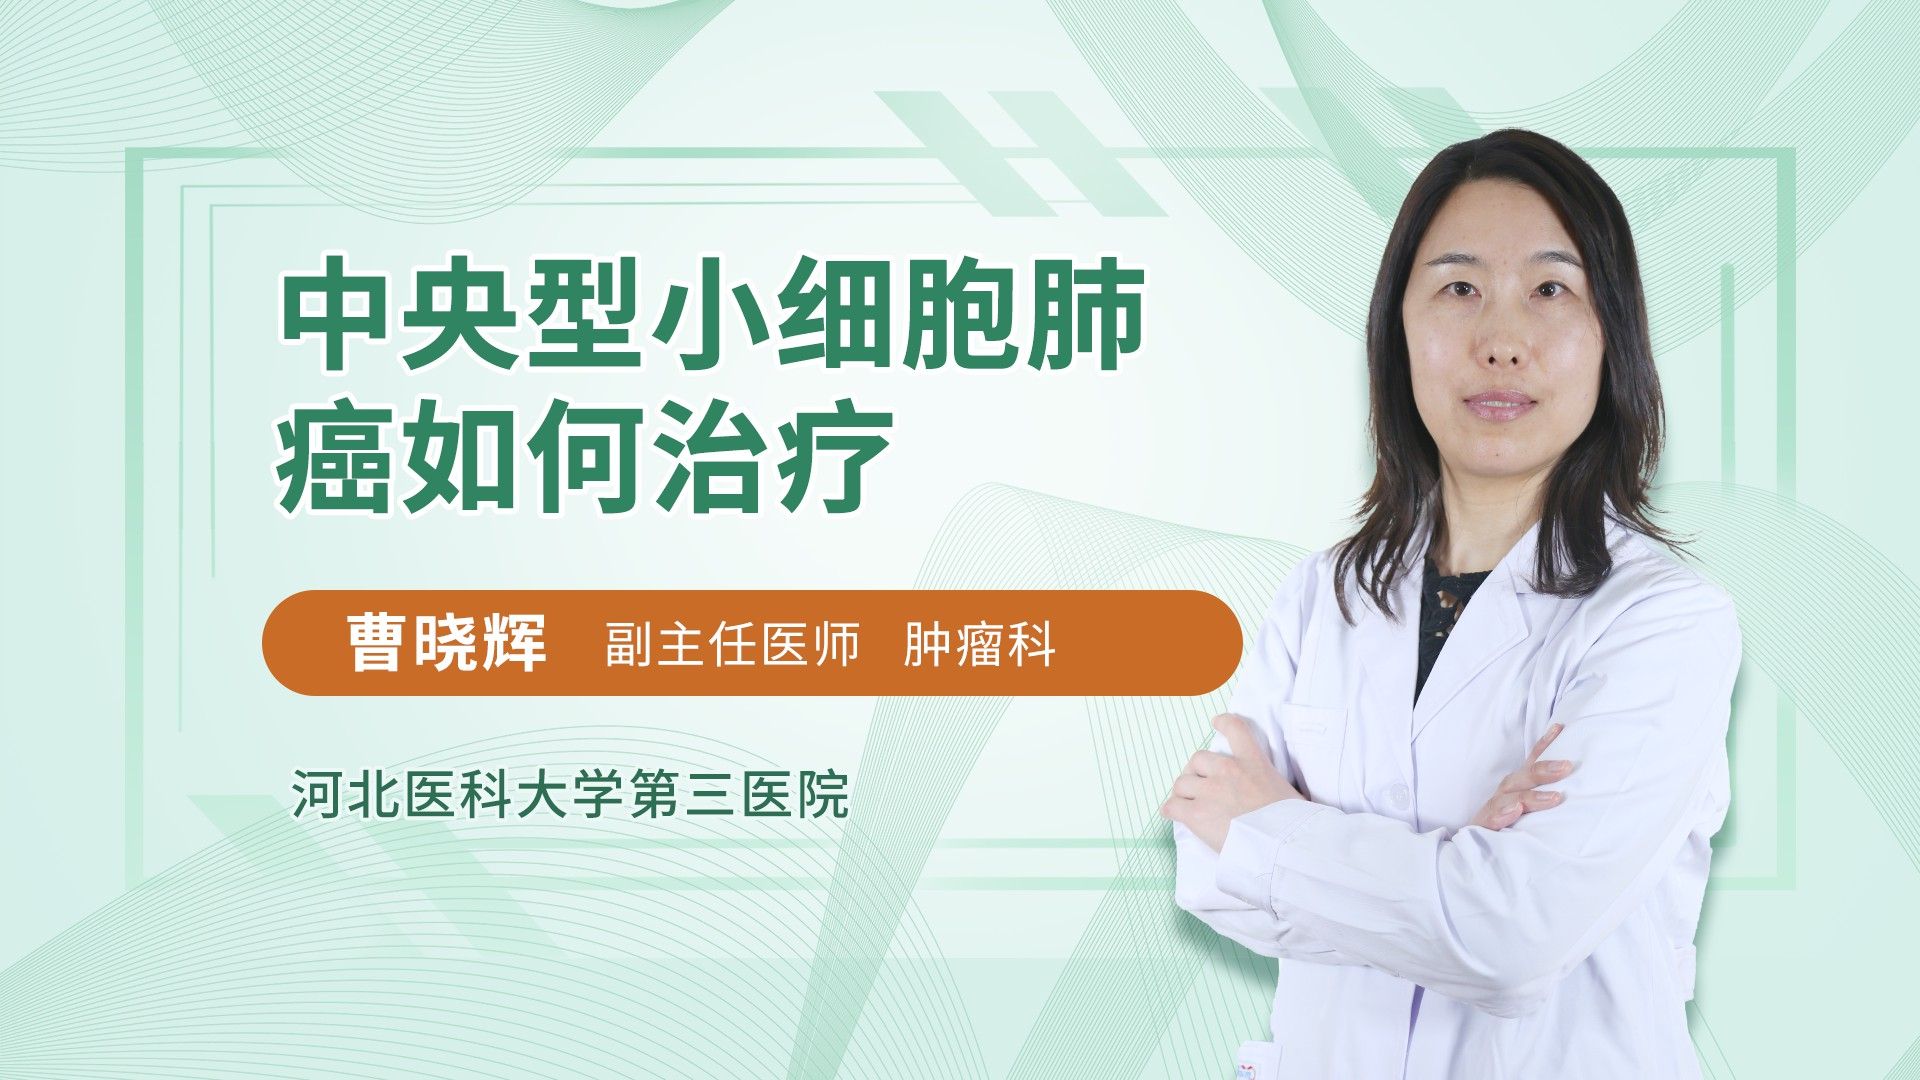 中央型小细胞肺癌如何治疗